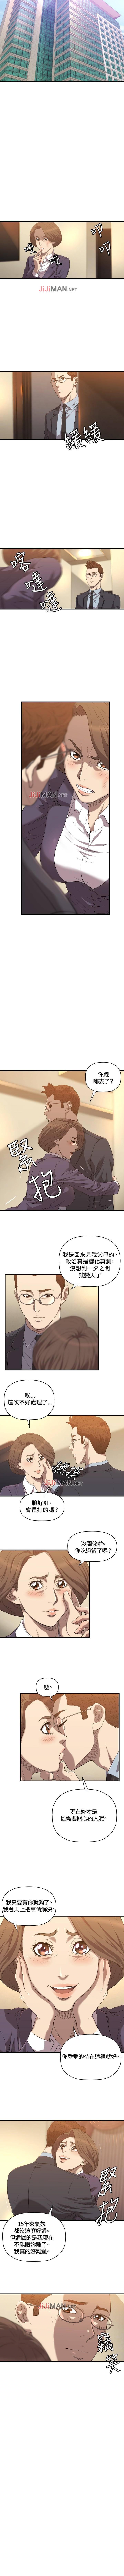 【已完结】索多玛俱乐部(作者:何藝媛&庫奈尼) 第1~32话 101